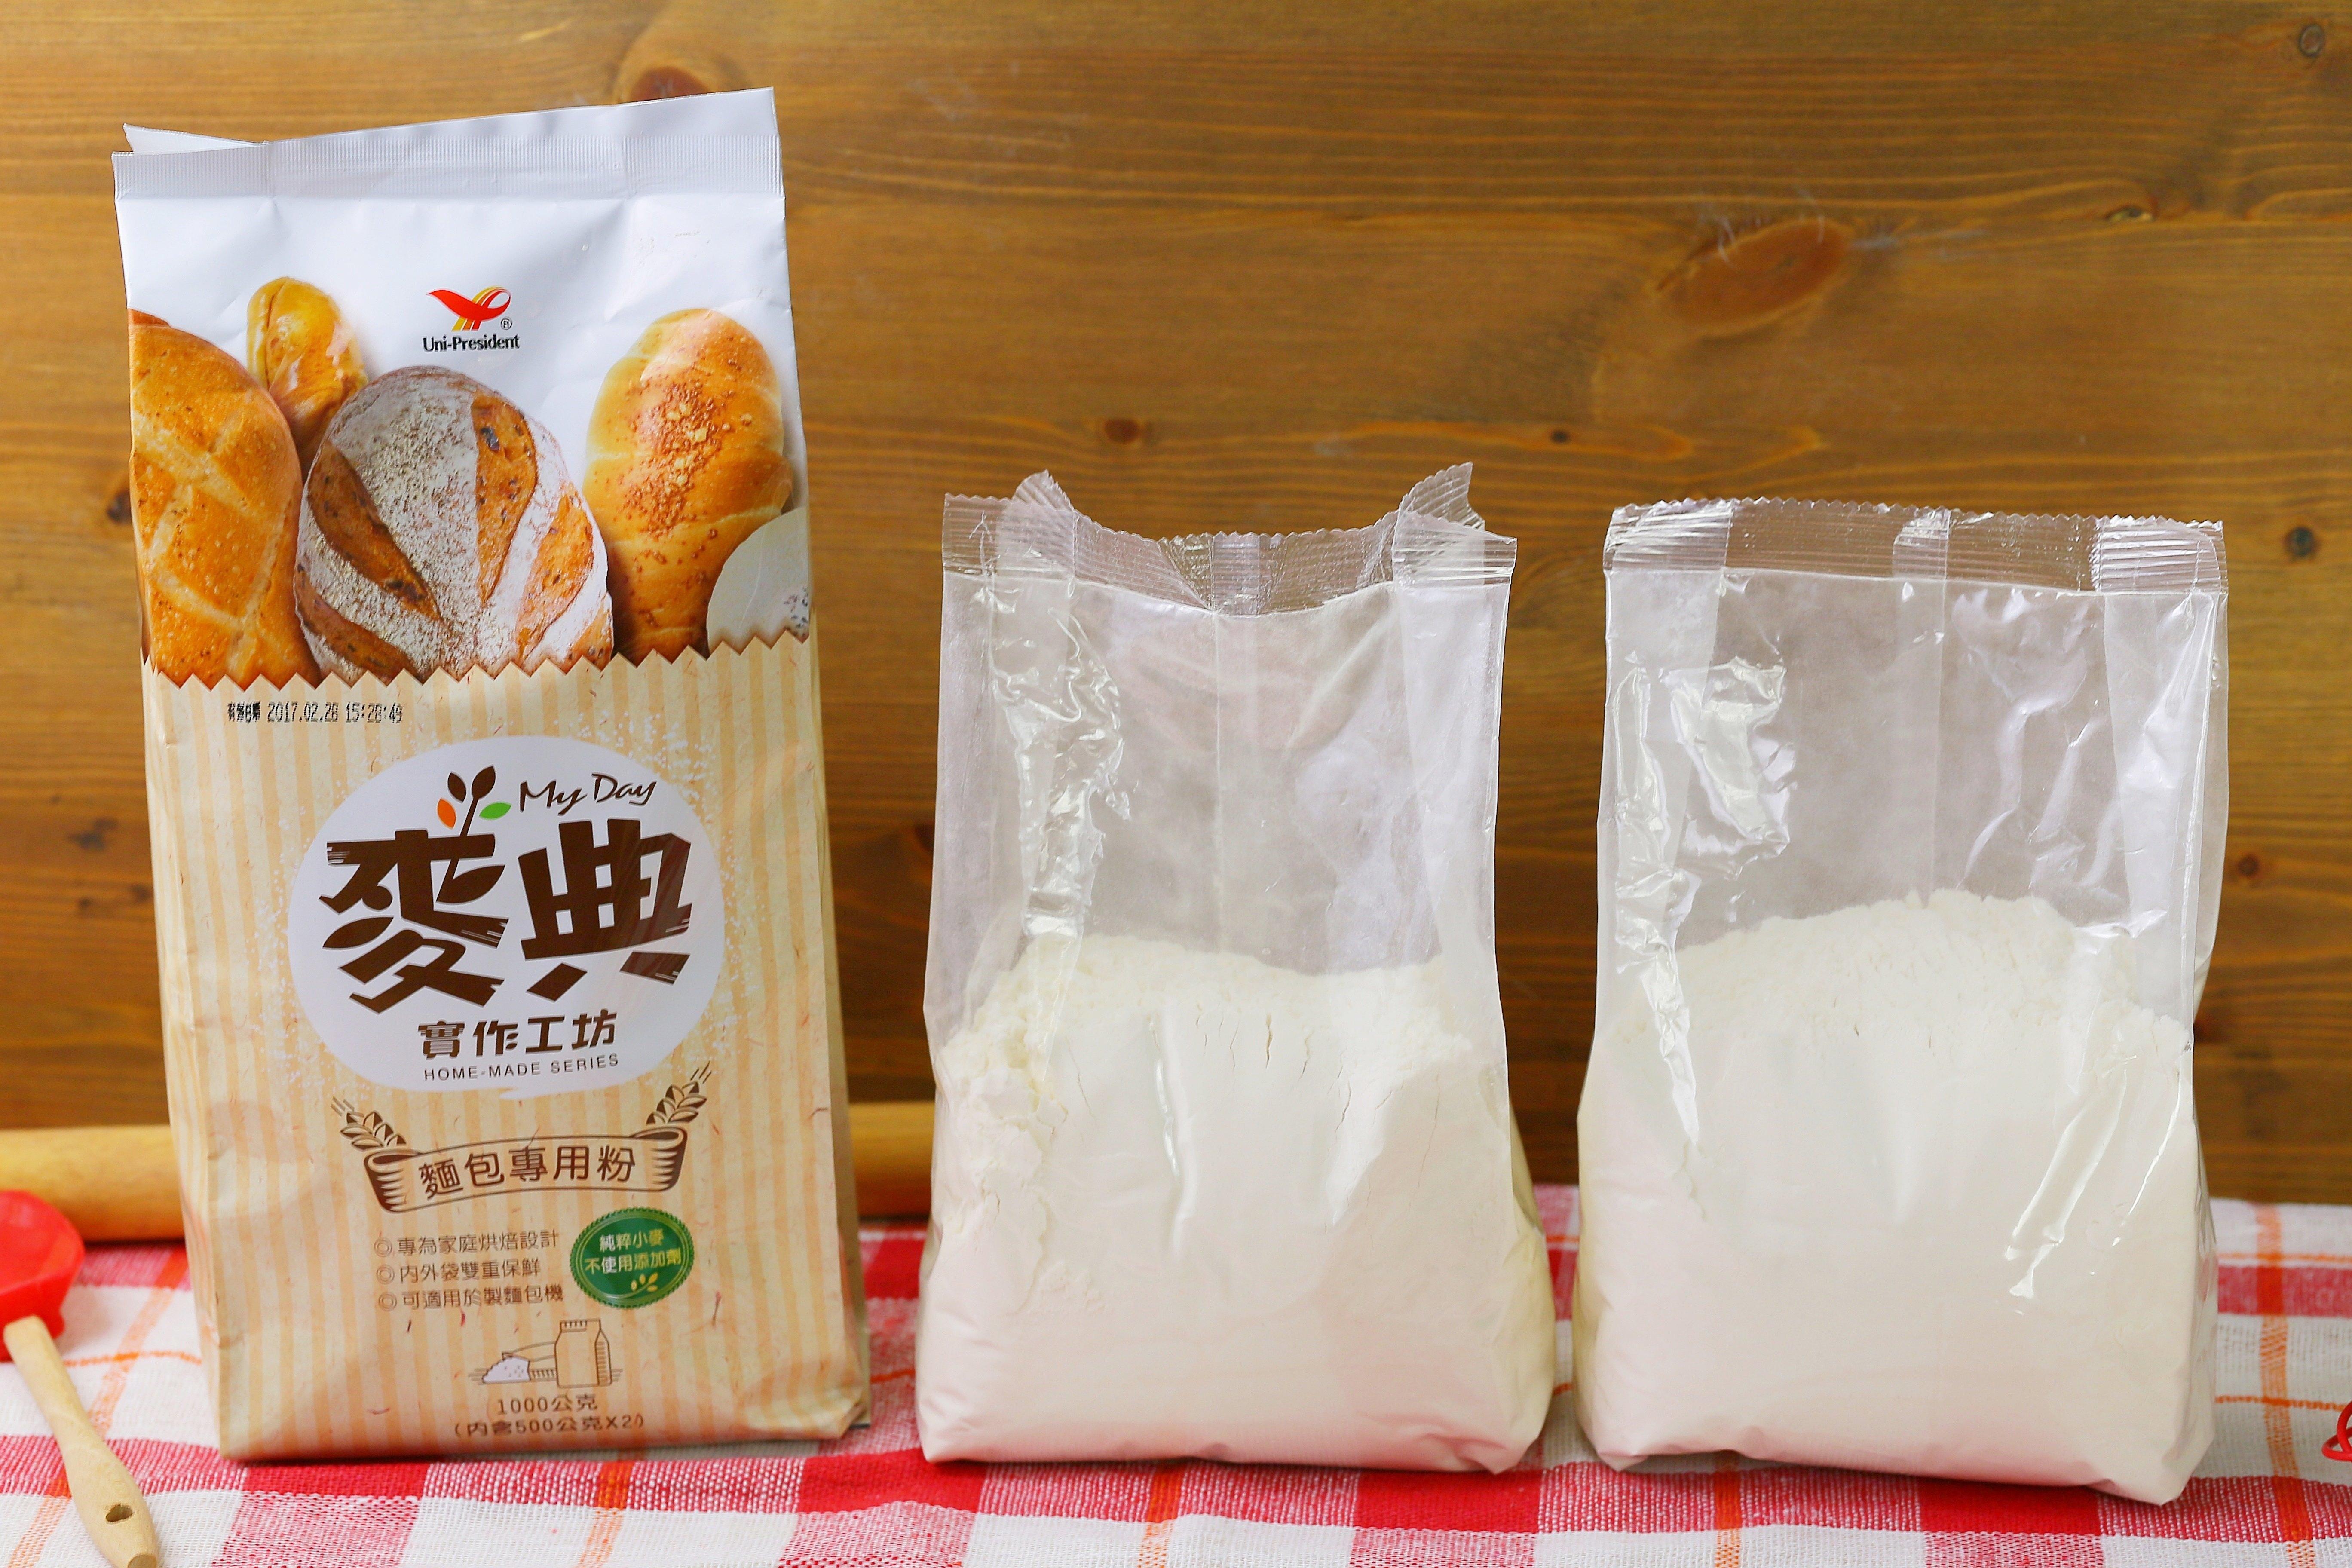 伯爵茶檸檬奶霜貝果生活誌4